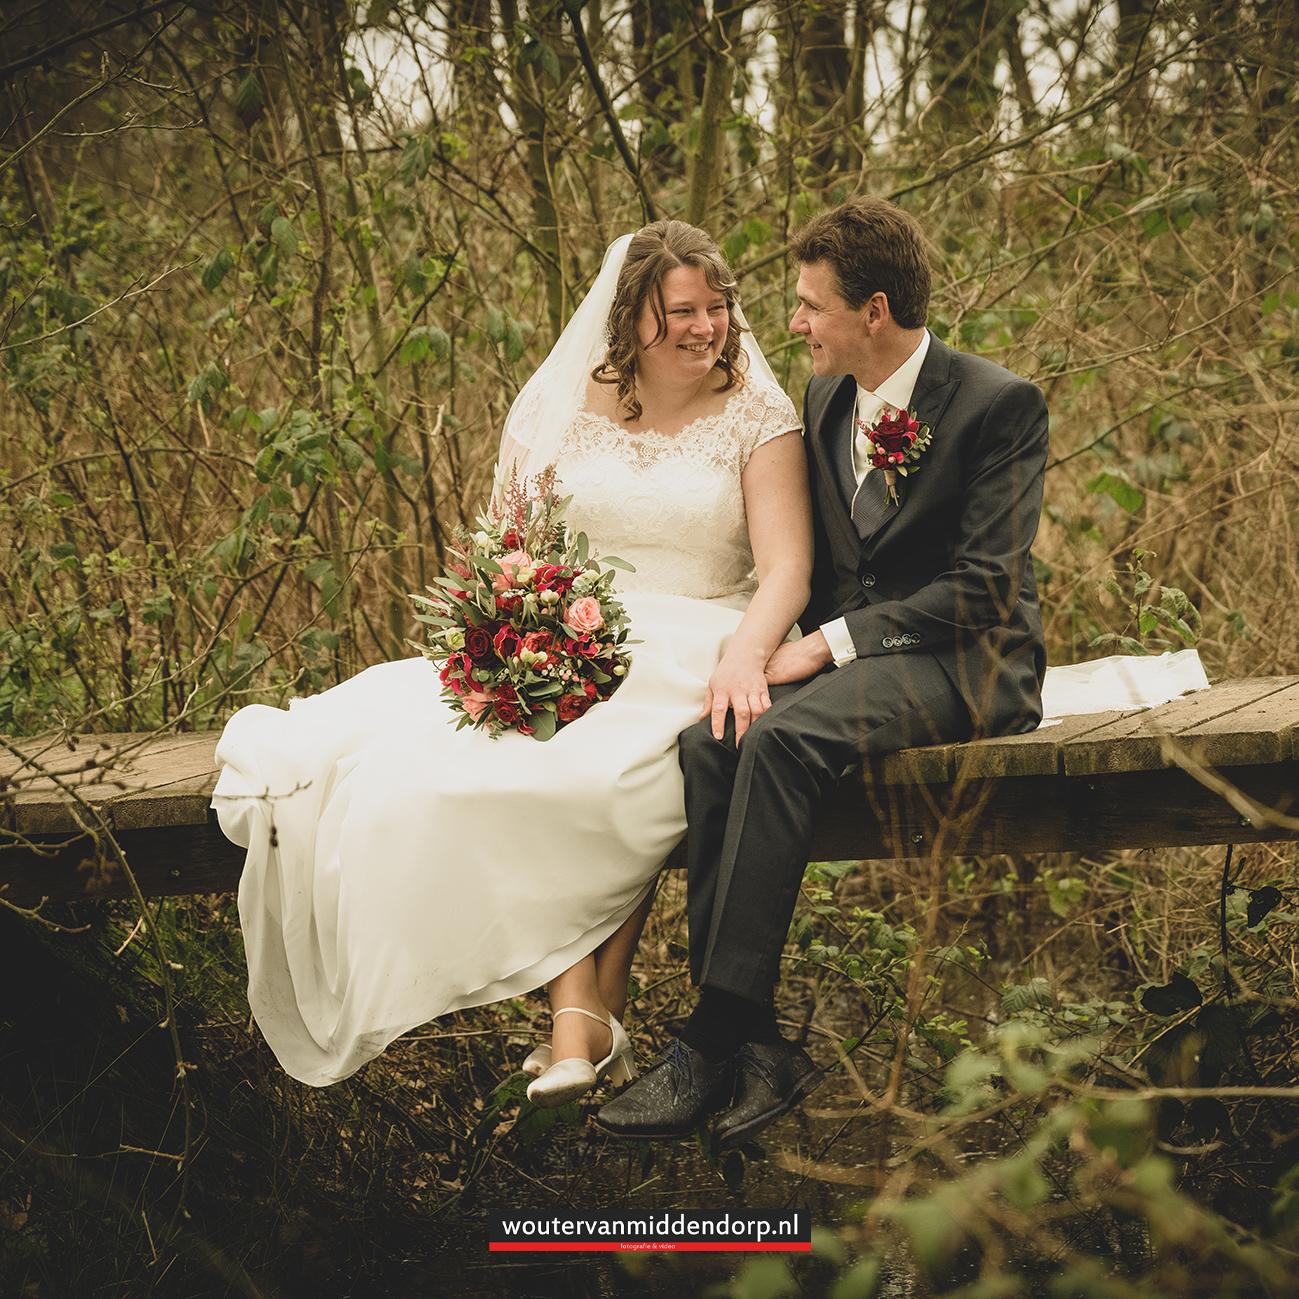 bruidsfotografie Wouter van Middendorp Uddel omgeving Hoevelaken, Barneveld, Nijkerk 2